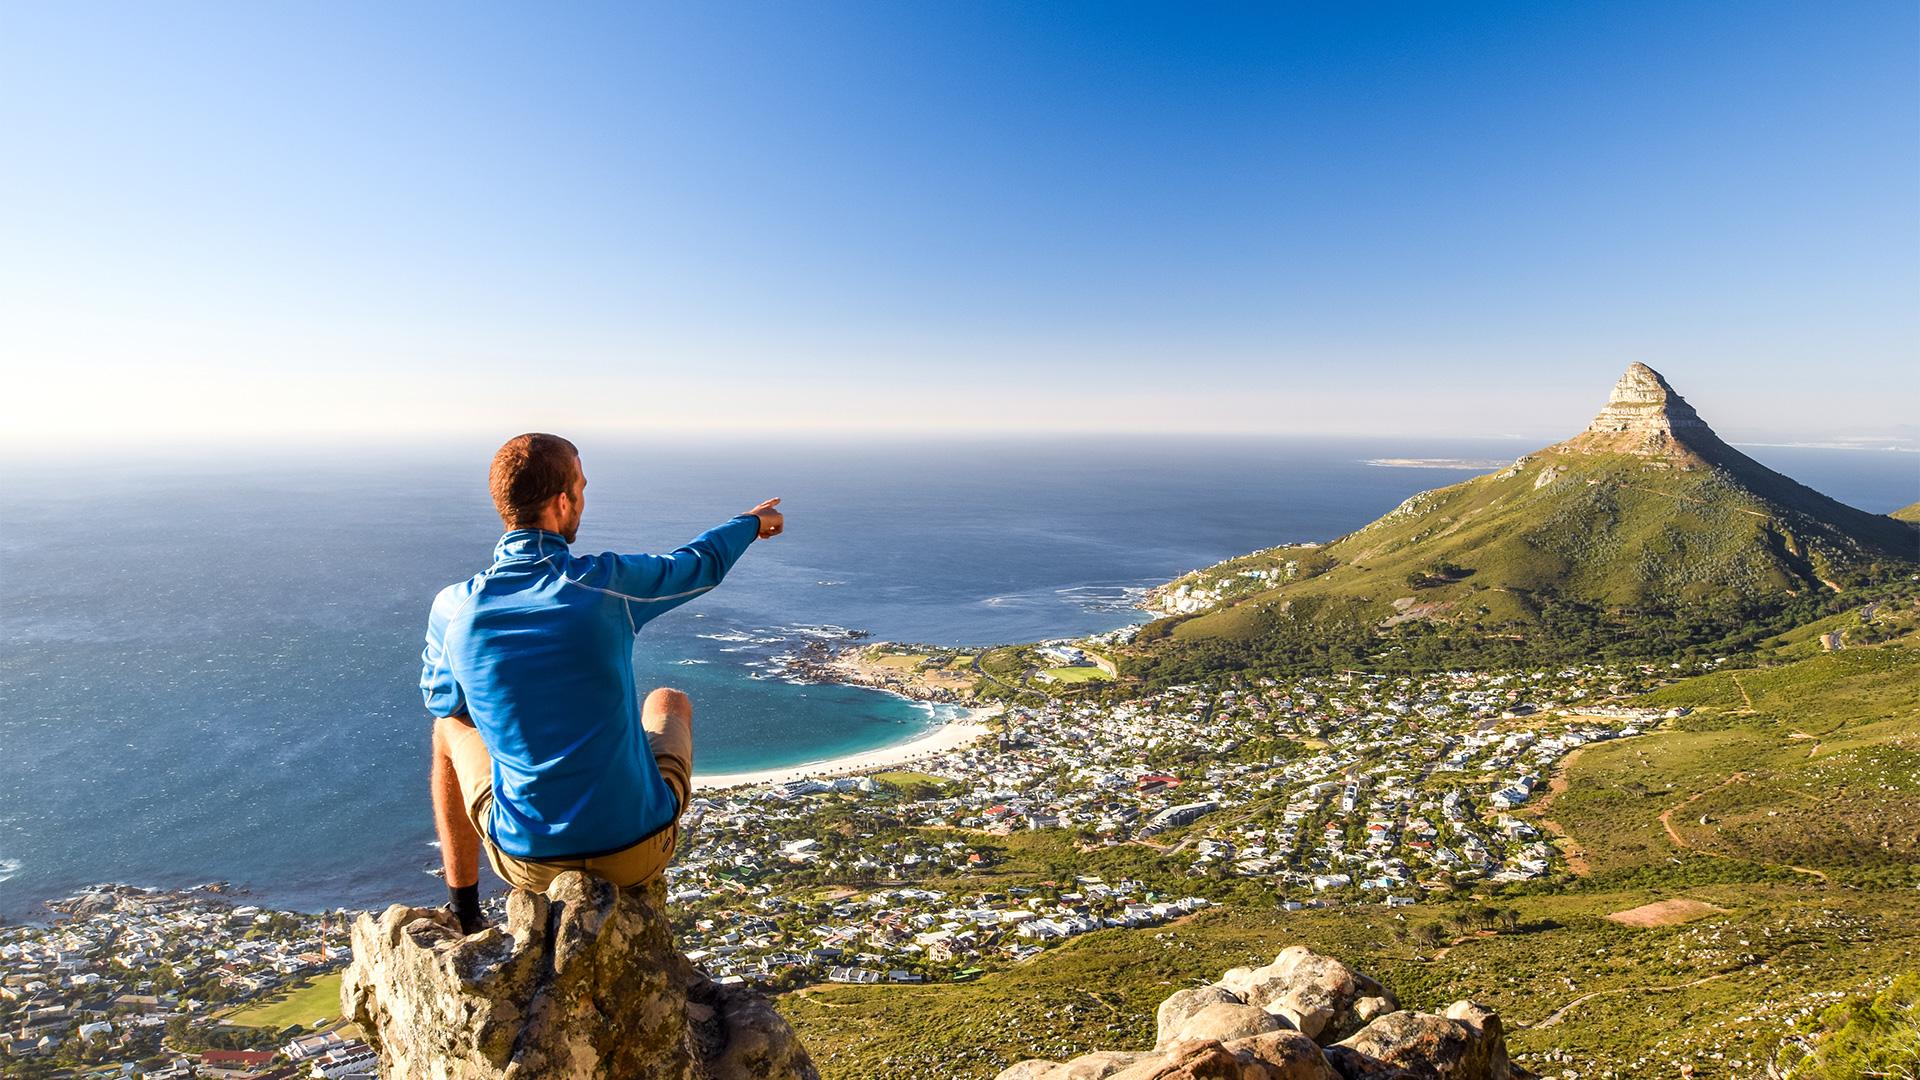 Kasteelspoort Hiking Trail in Table Mountain.jpg